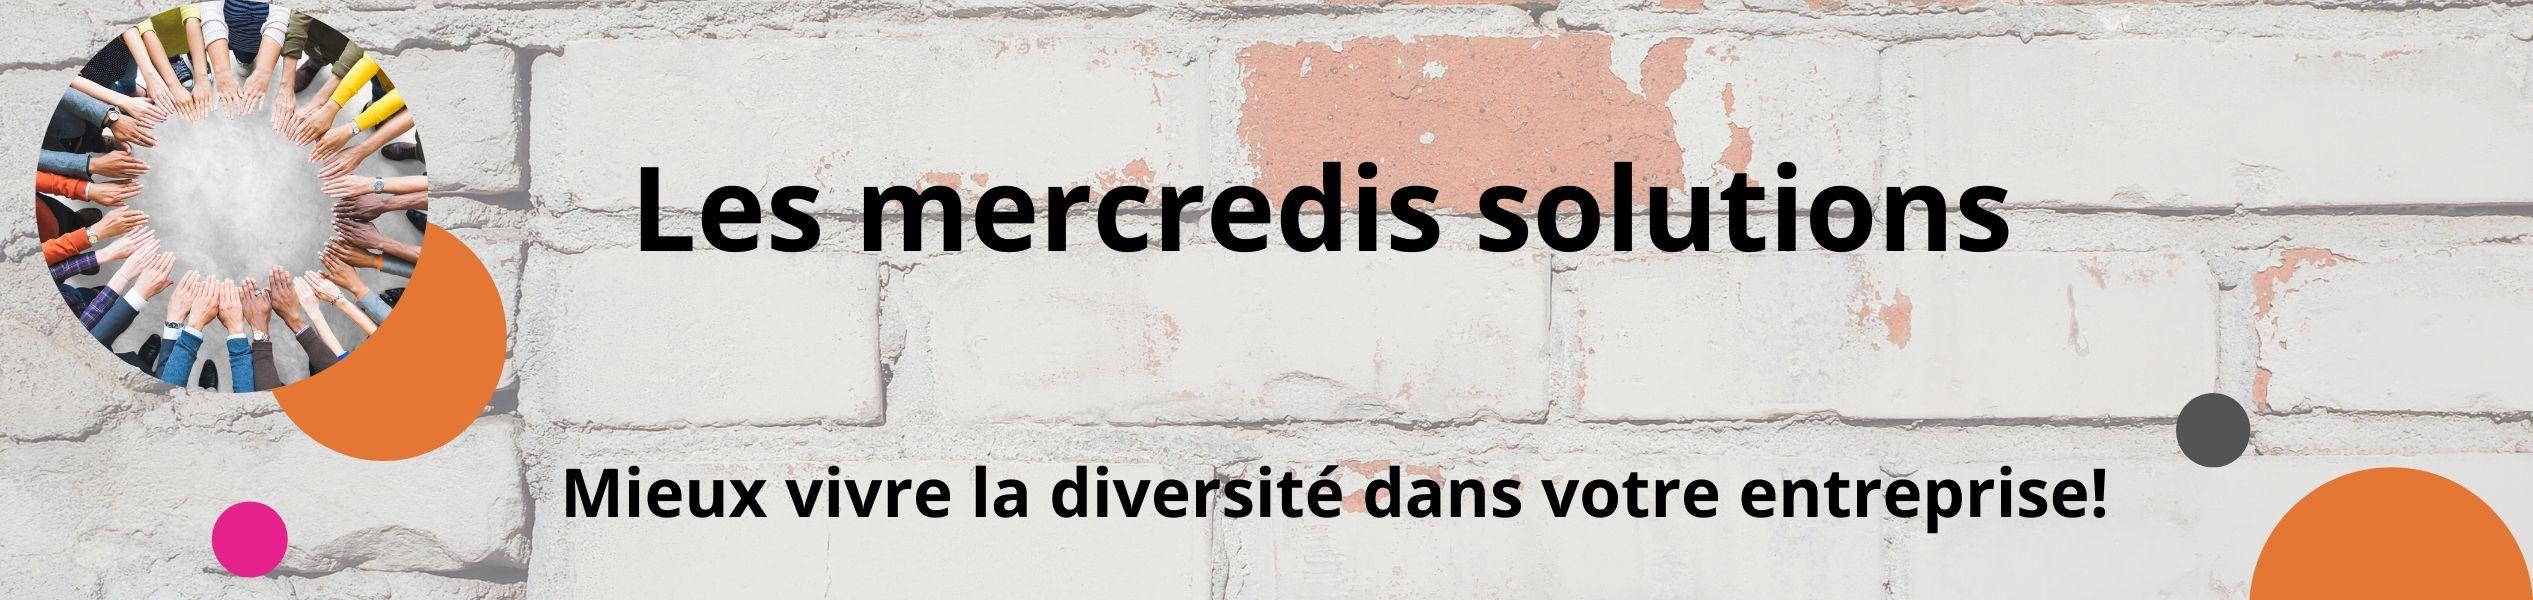 Publicité pour les mercredis solutions Centre Génération Emploi Montréal